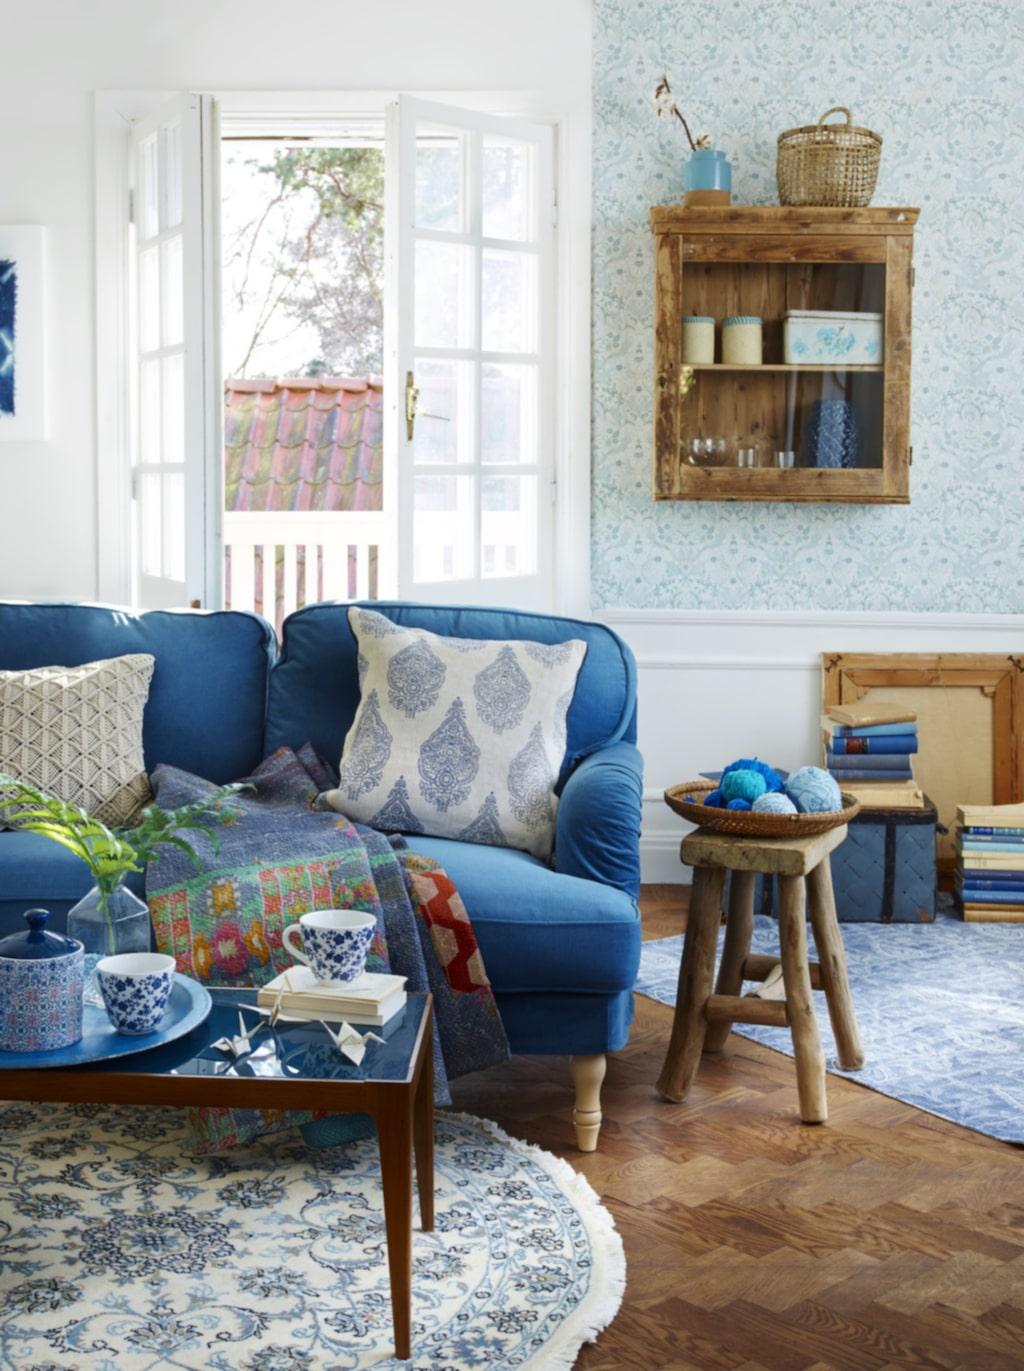 <p>Blått i fokus på stora möbler och mindre detaljer. Tvåsitssoffa Stocksund med klädsel Ljungen från Ikea. Quiltad pläd från Afroart.<br></p>